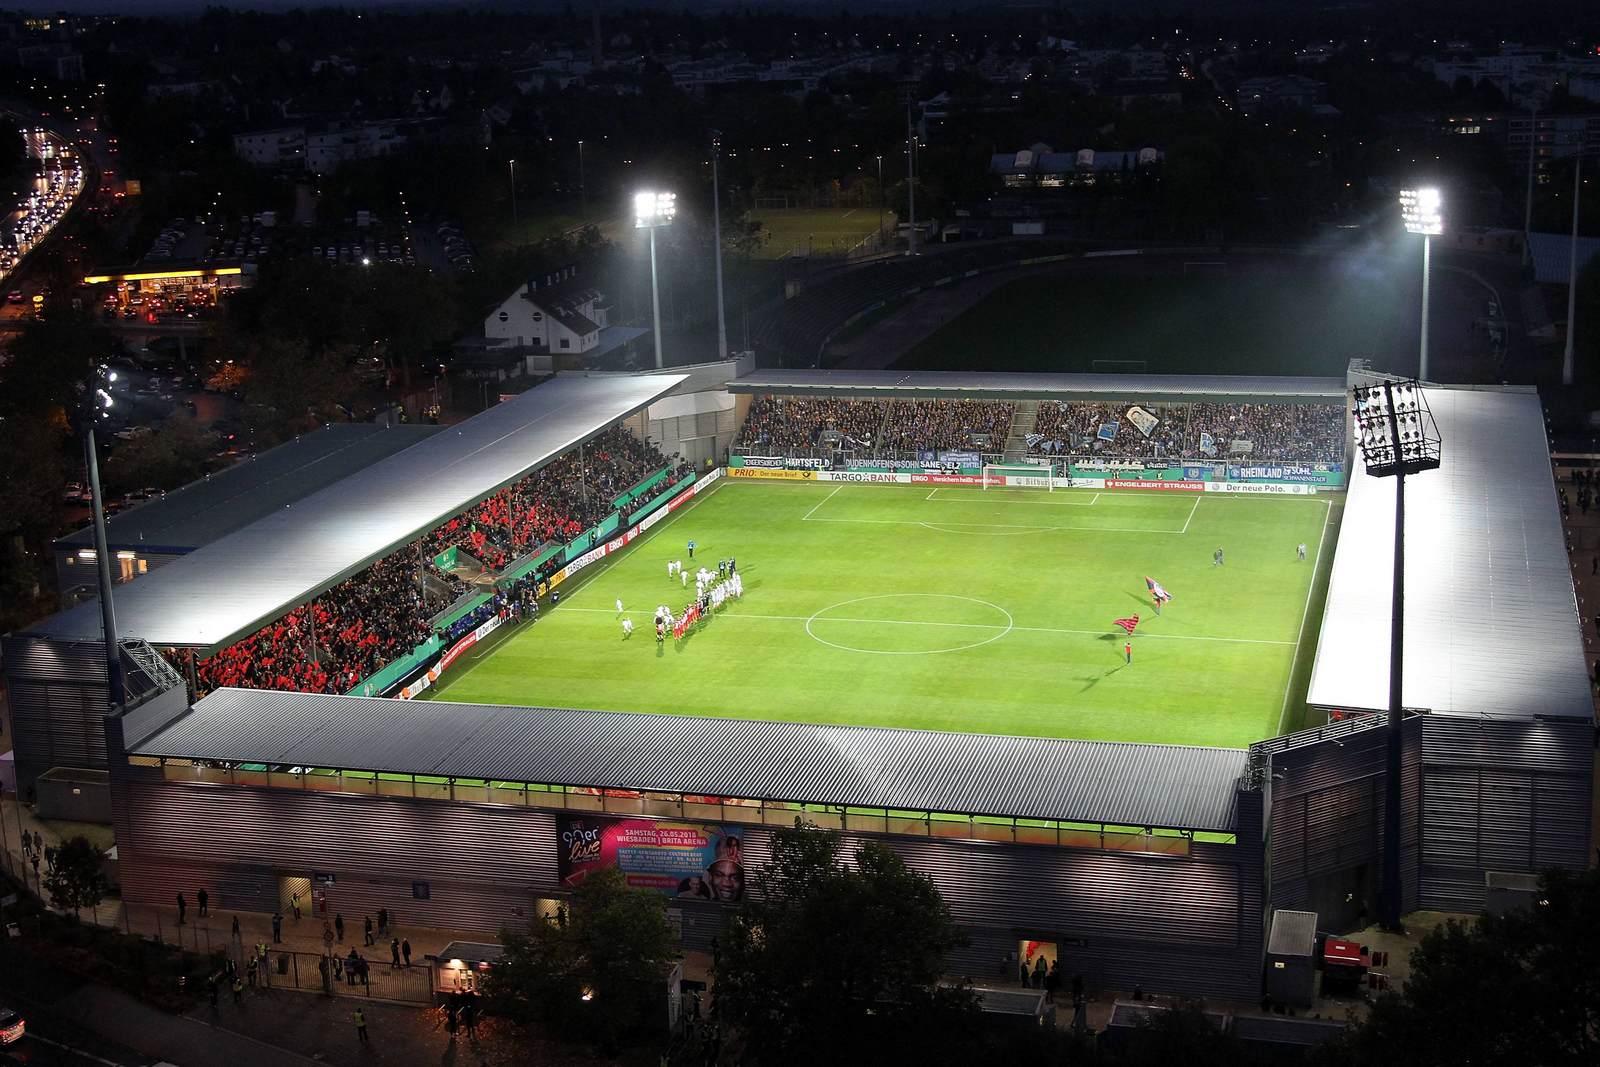 Die Heimspielstätte des SV Wehen Wiesbaden.